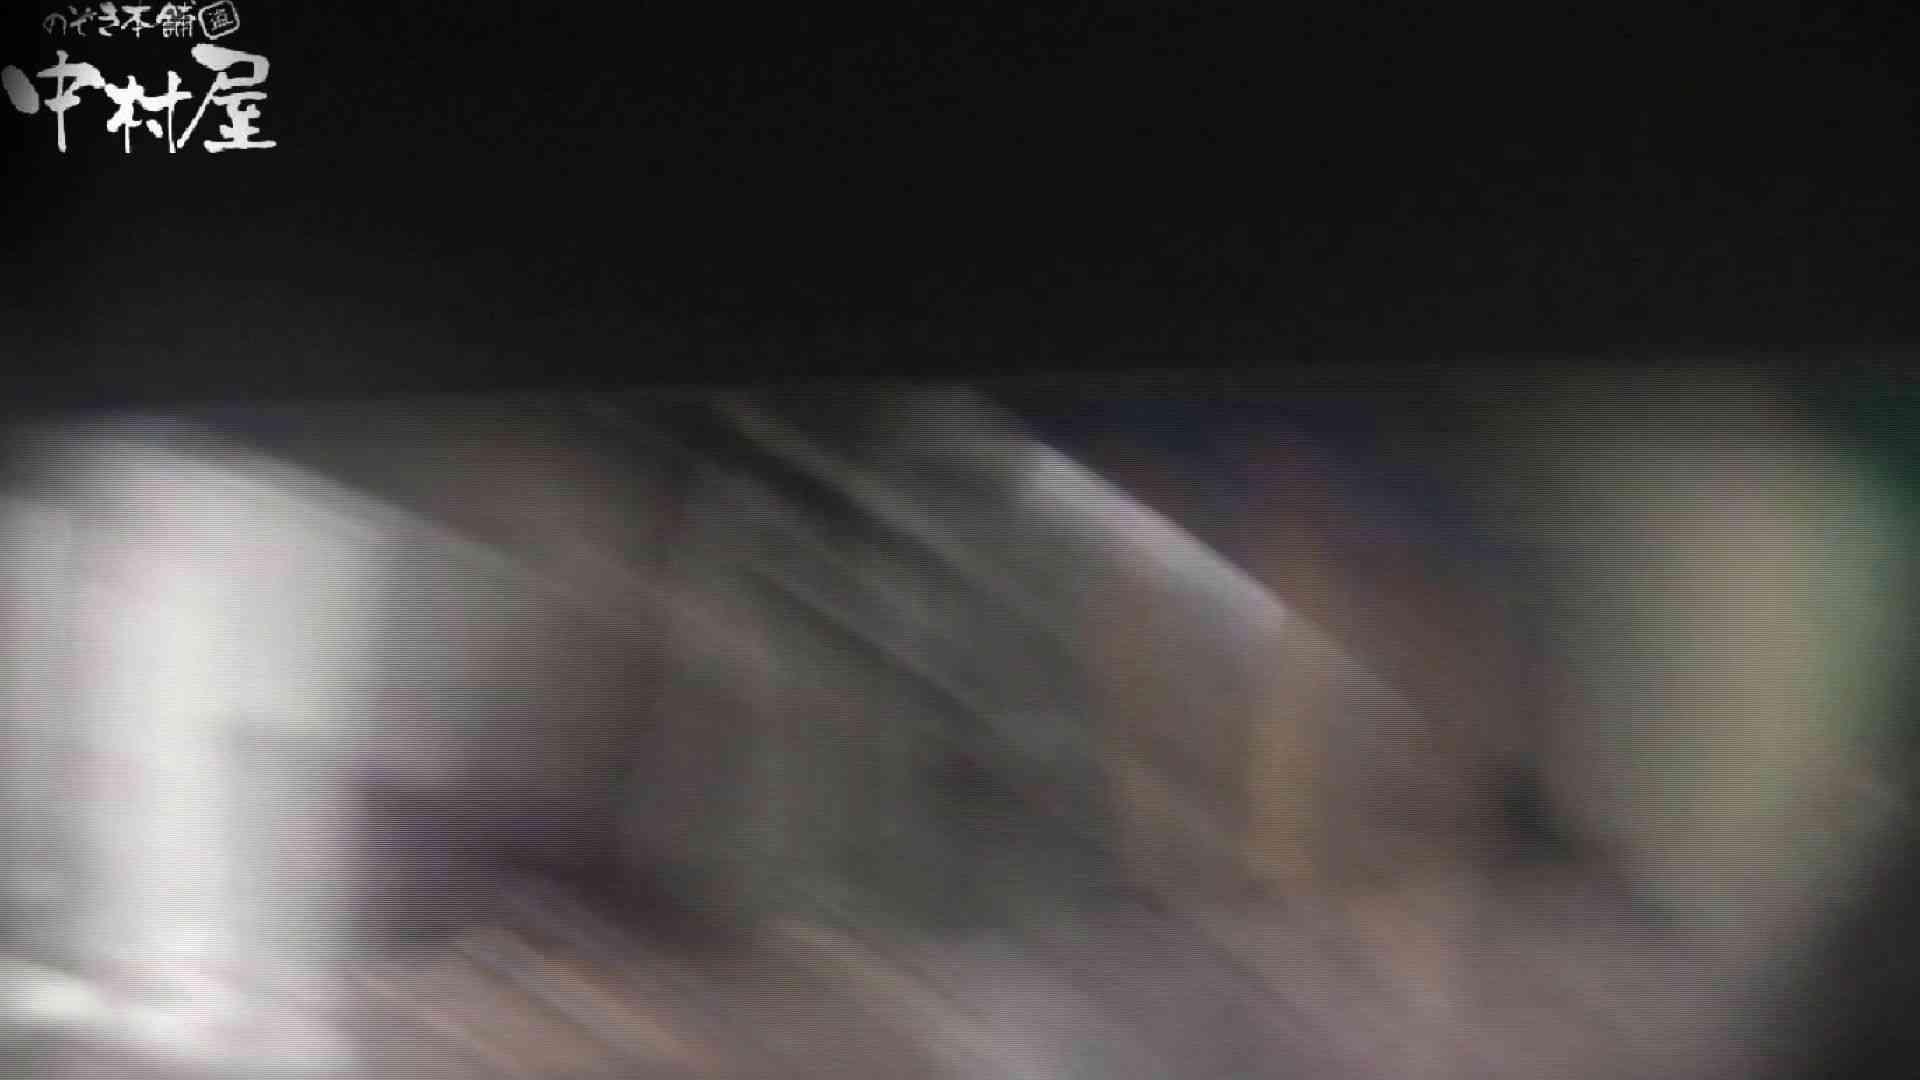 世界の射窓から vol.45 尻出しスマホ 後編 洗面所   OLセックス  60画像 1